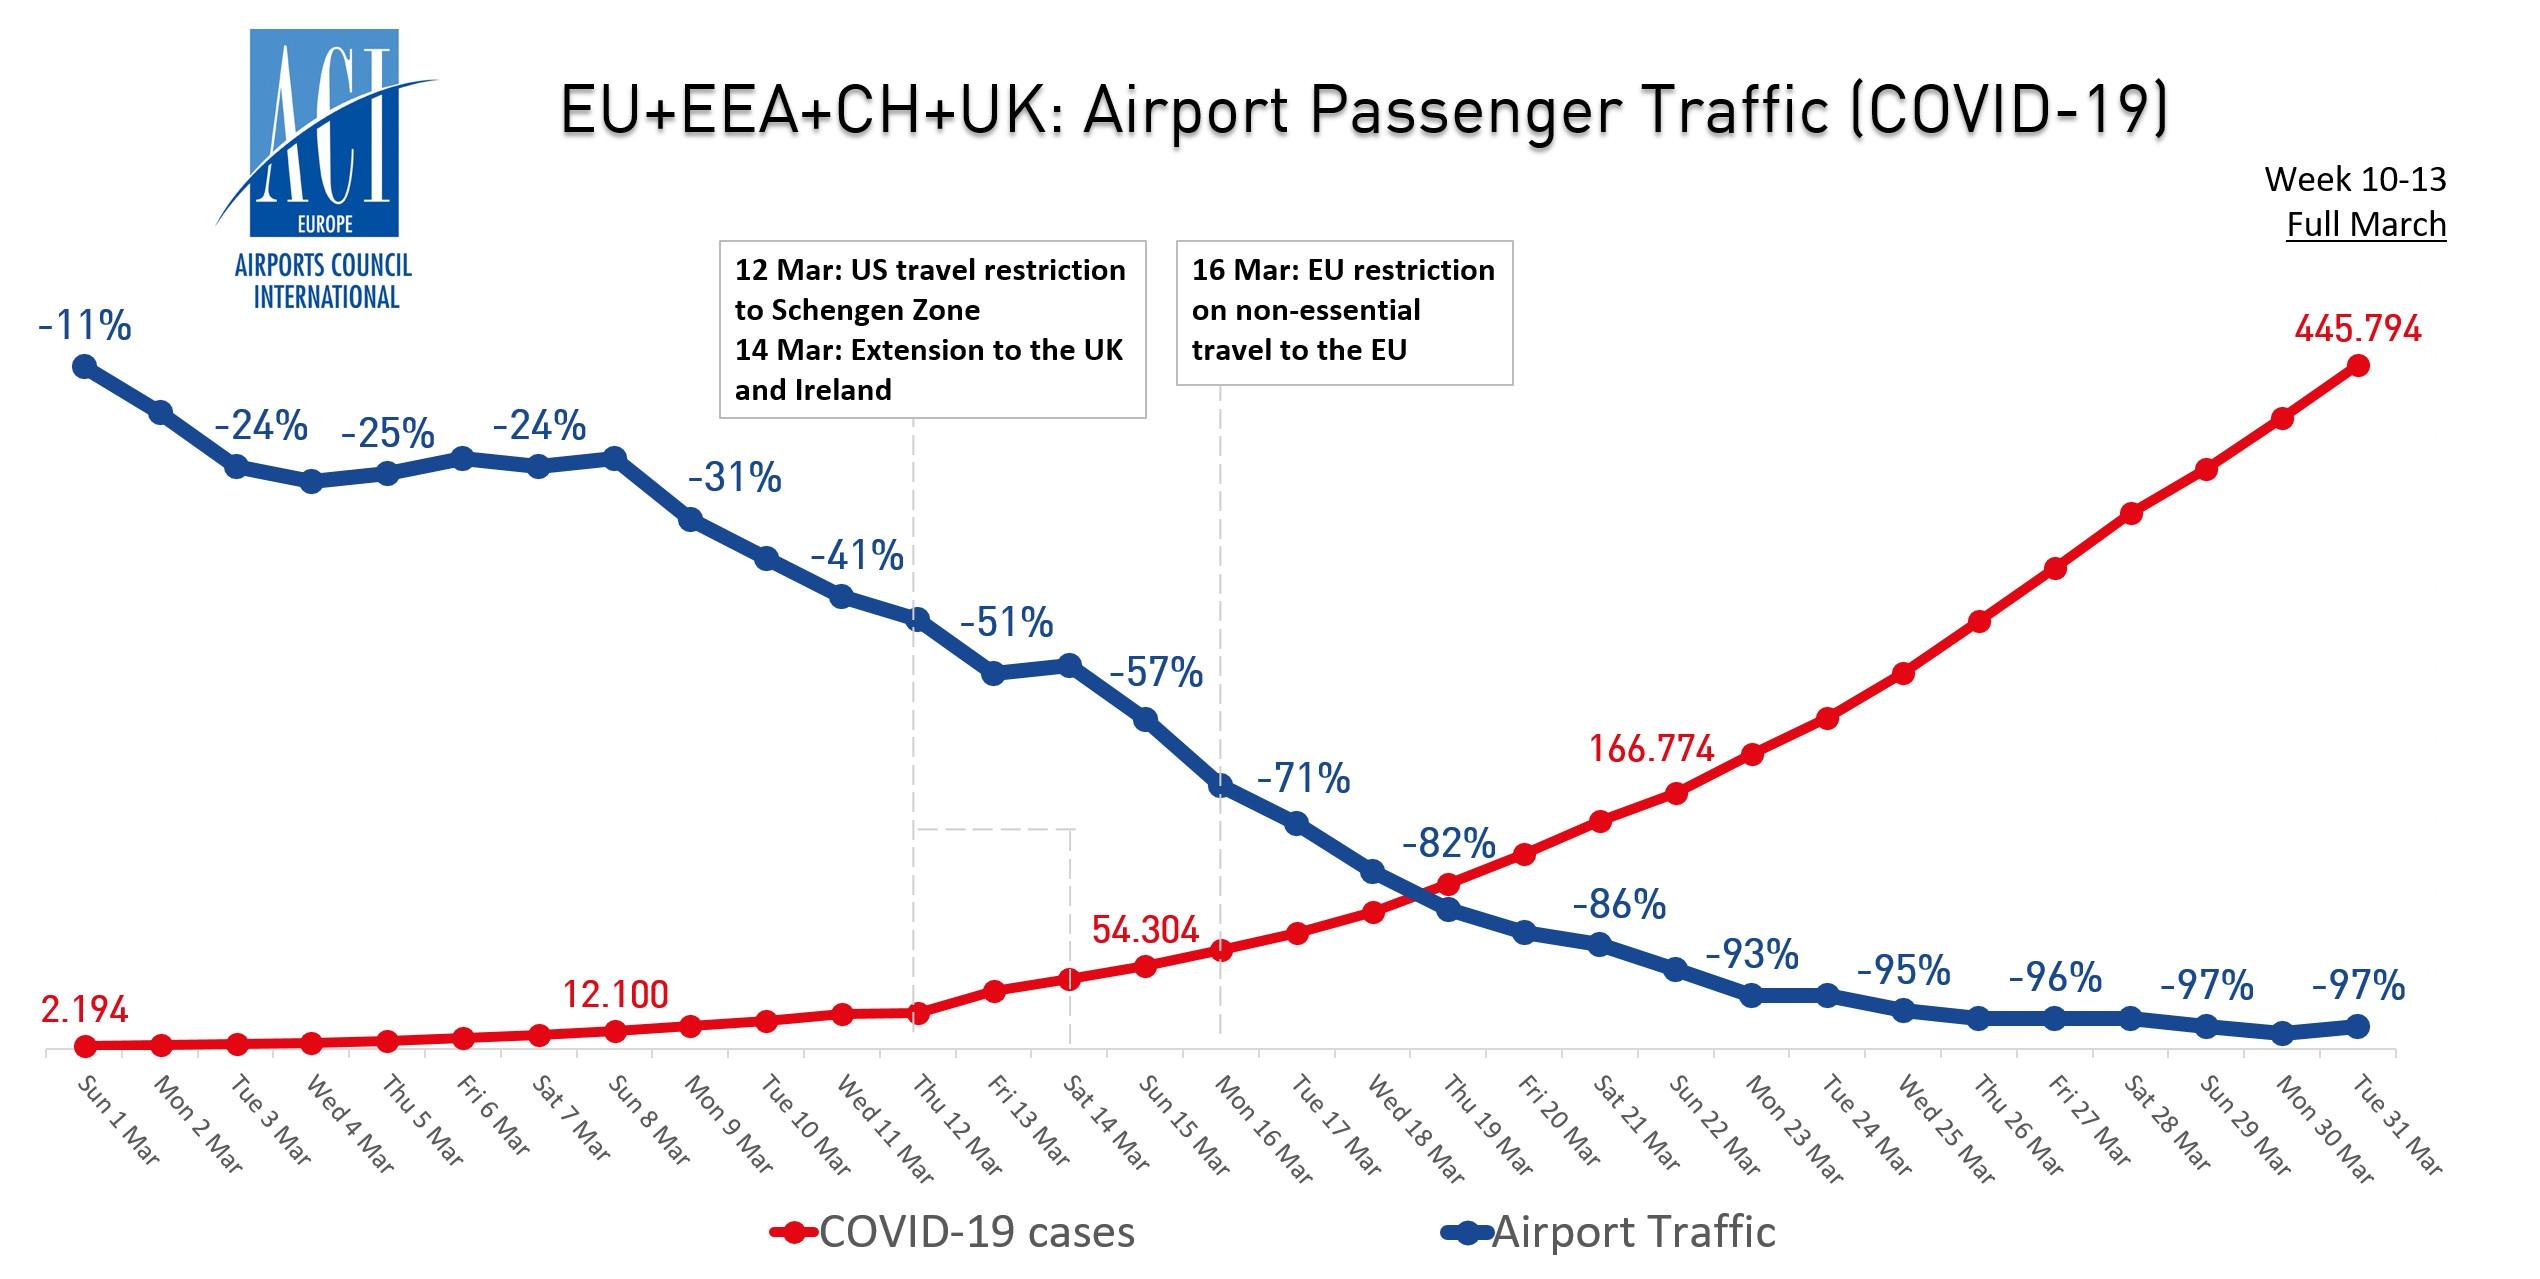 欧盟+欧洲经济区+瑞士+英国机场客流量与新冠病毒病例走势图